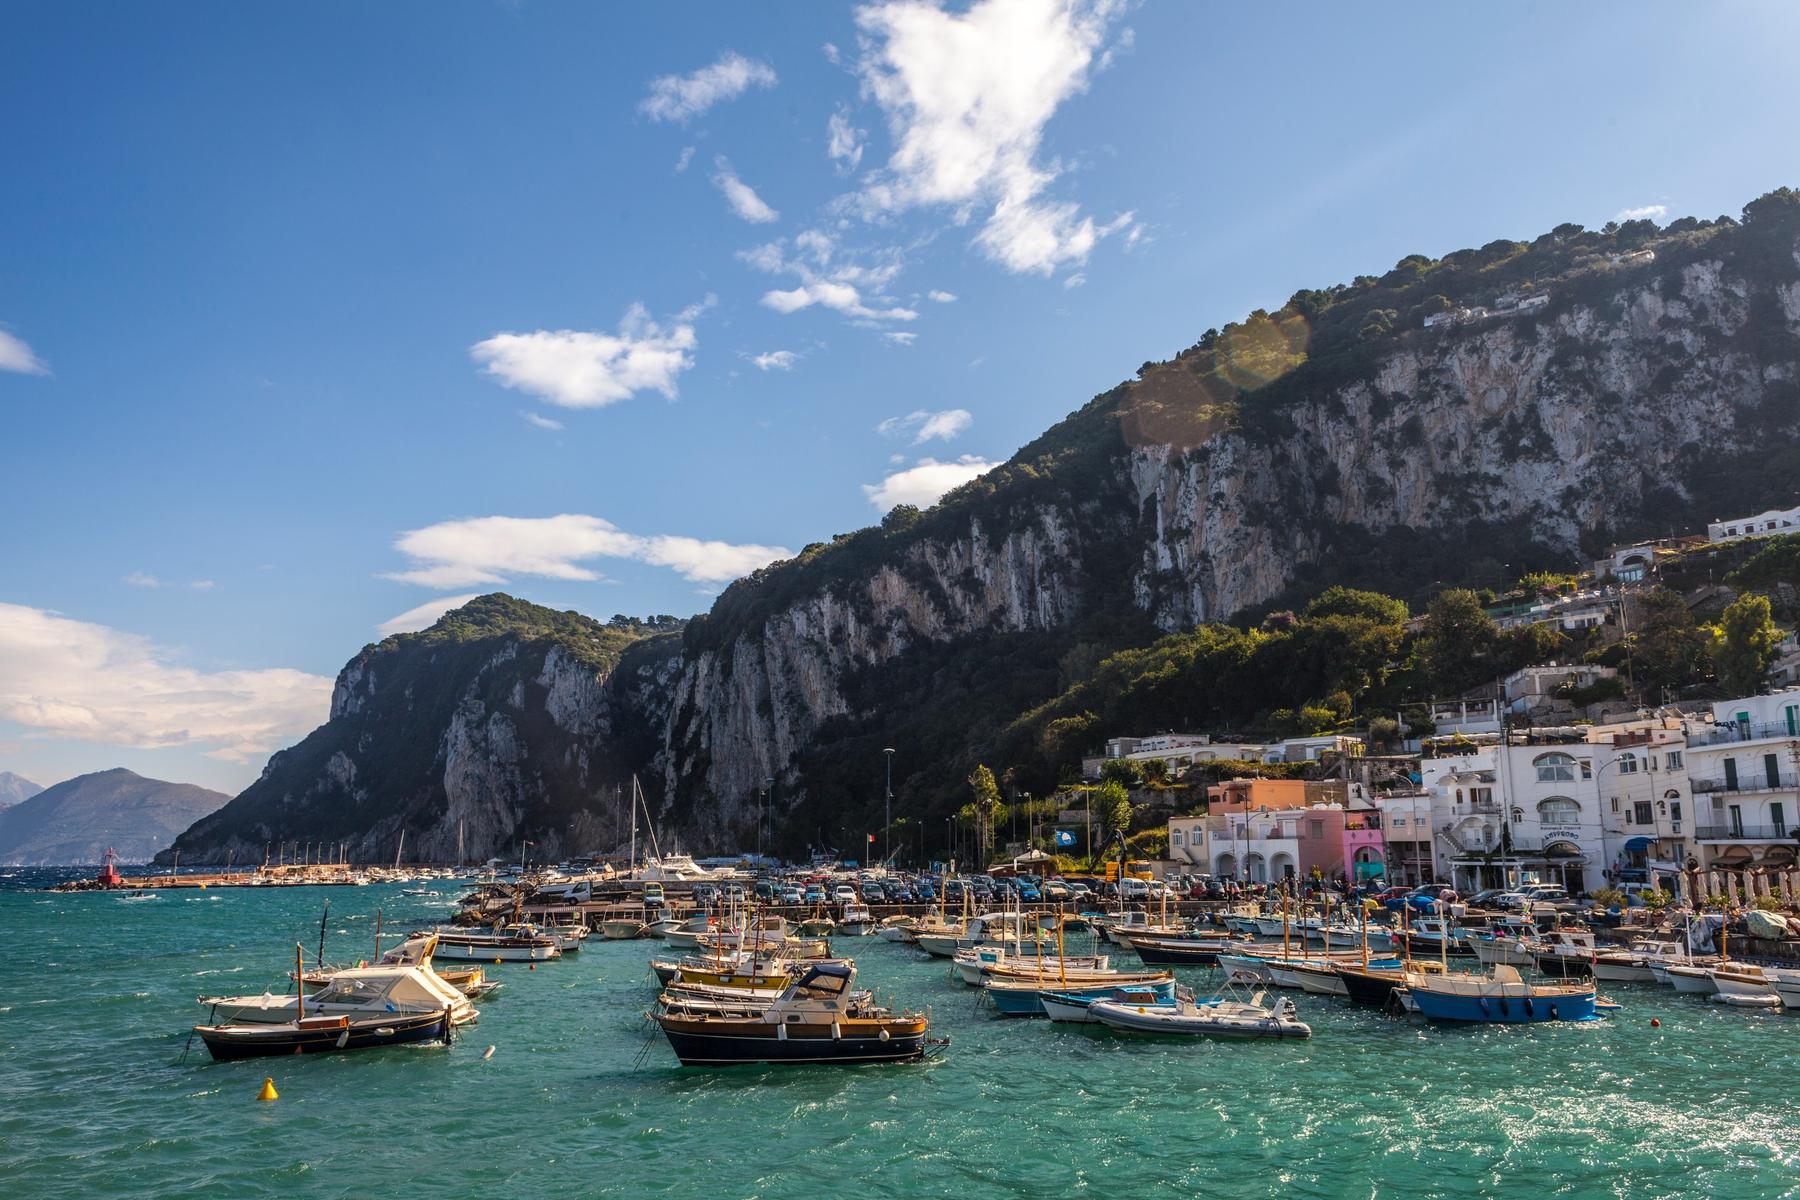 Cosa vedere a Sorrento: Capri